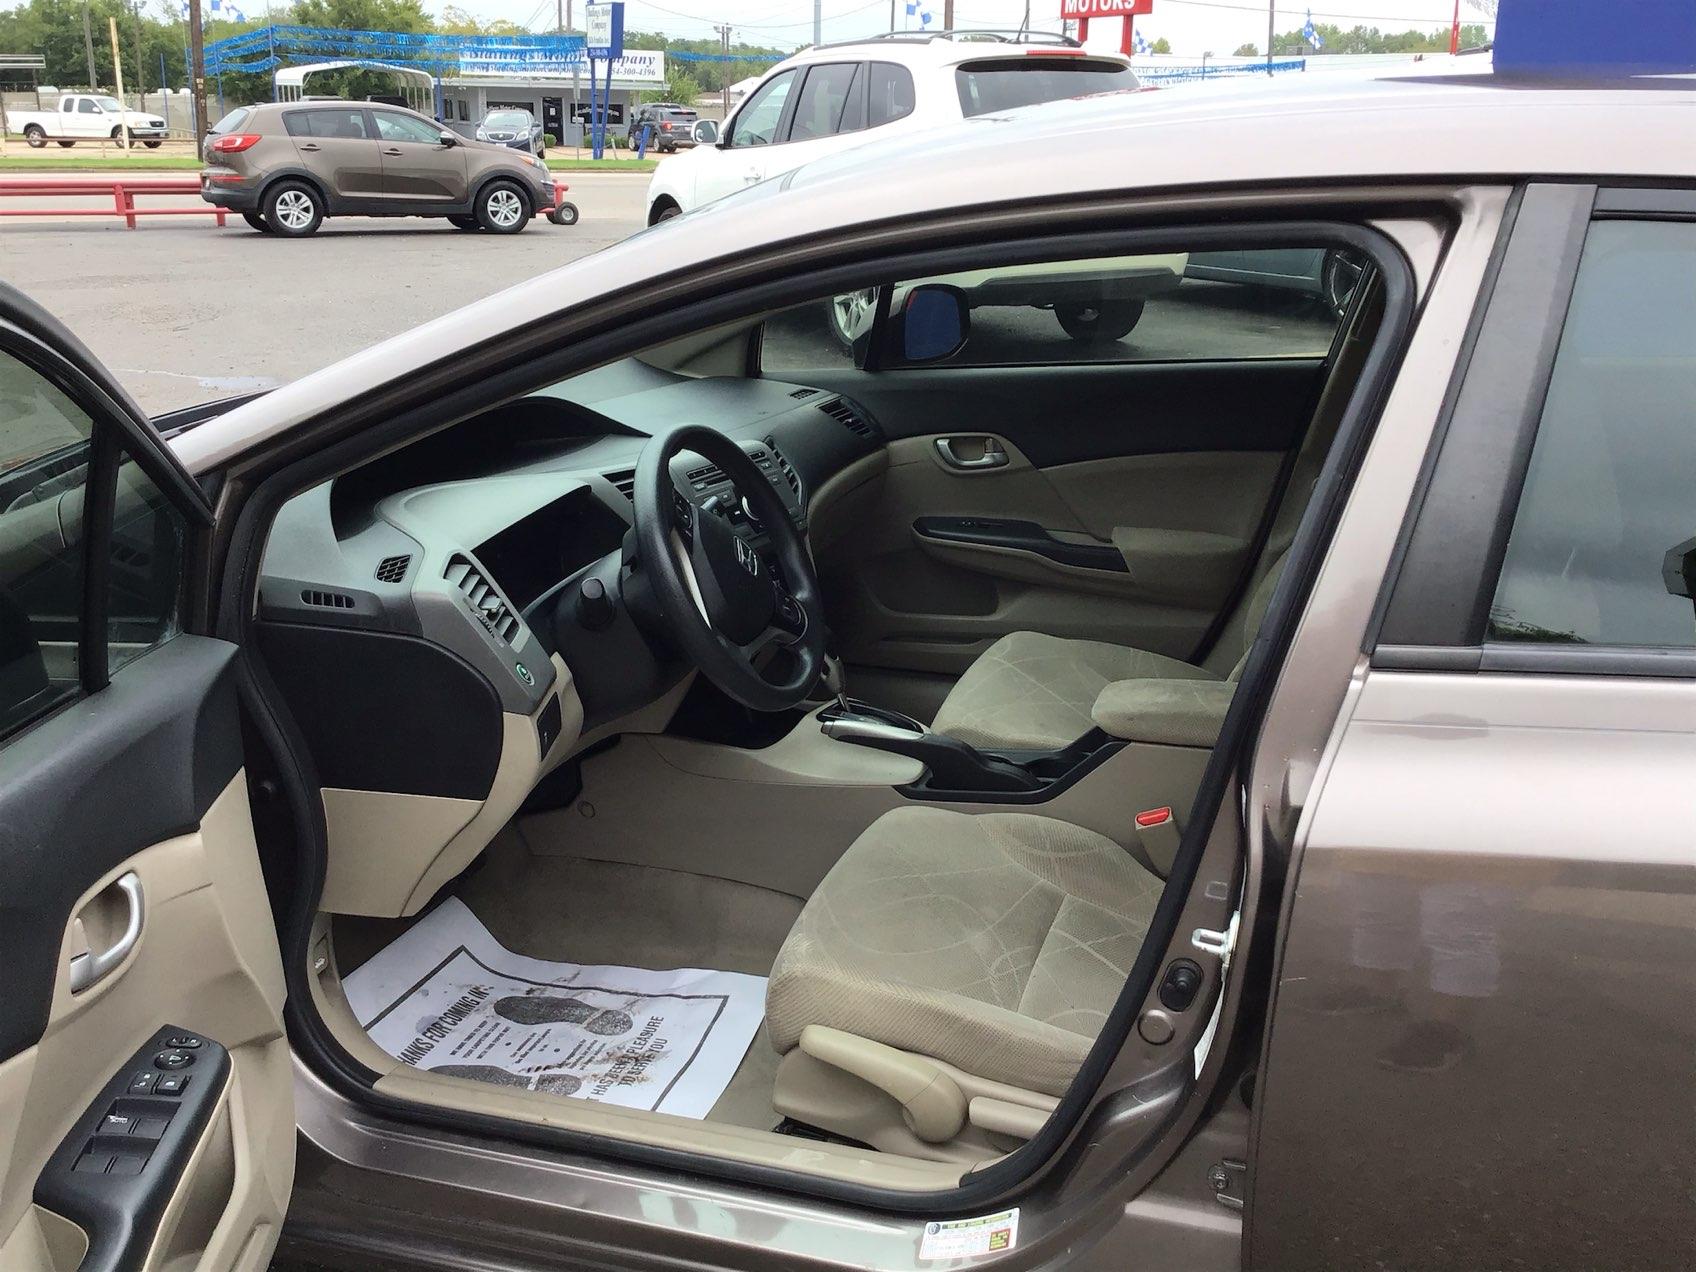 used vehicle - Sedan Honda Civic Sdn 2012